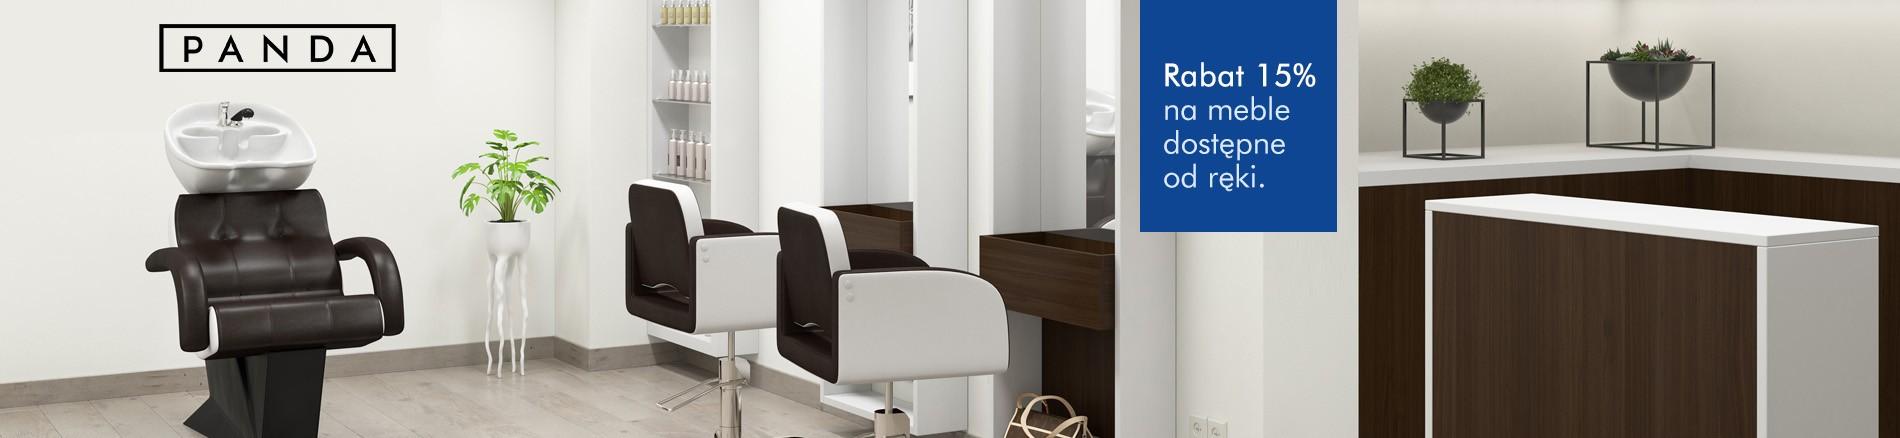 Urządź swój salon fryzjerski od ręki. Najlepsze ceny, profesjonalna obsługa i najwyższa jakość od Pandy